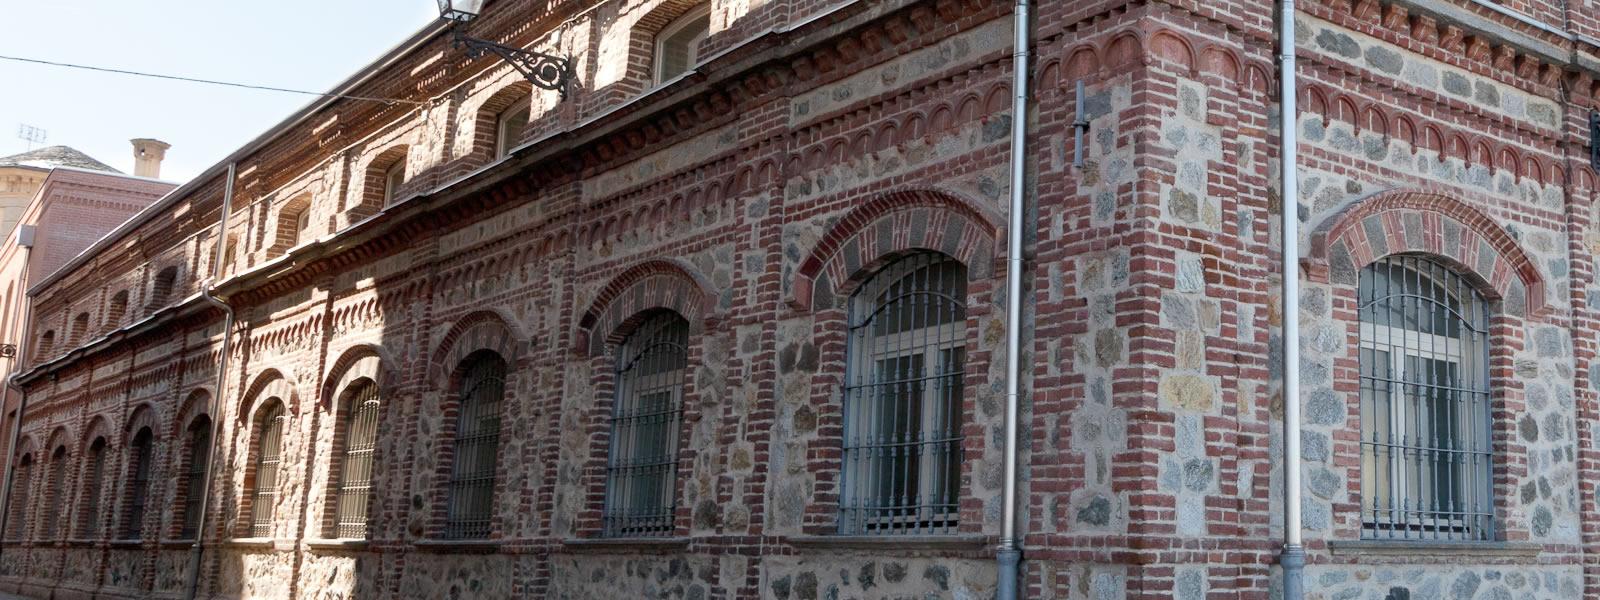 Restauro conservativo fantino costruzioni cuneo for Restauro conservativo